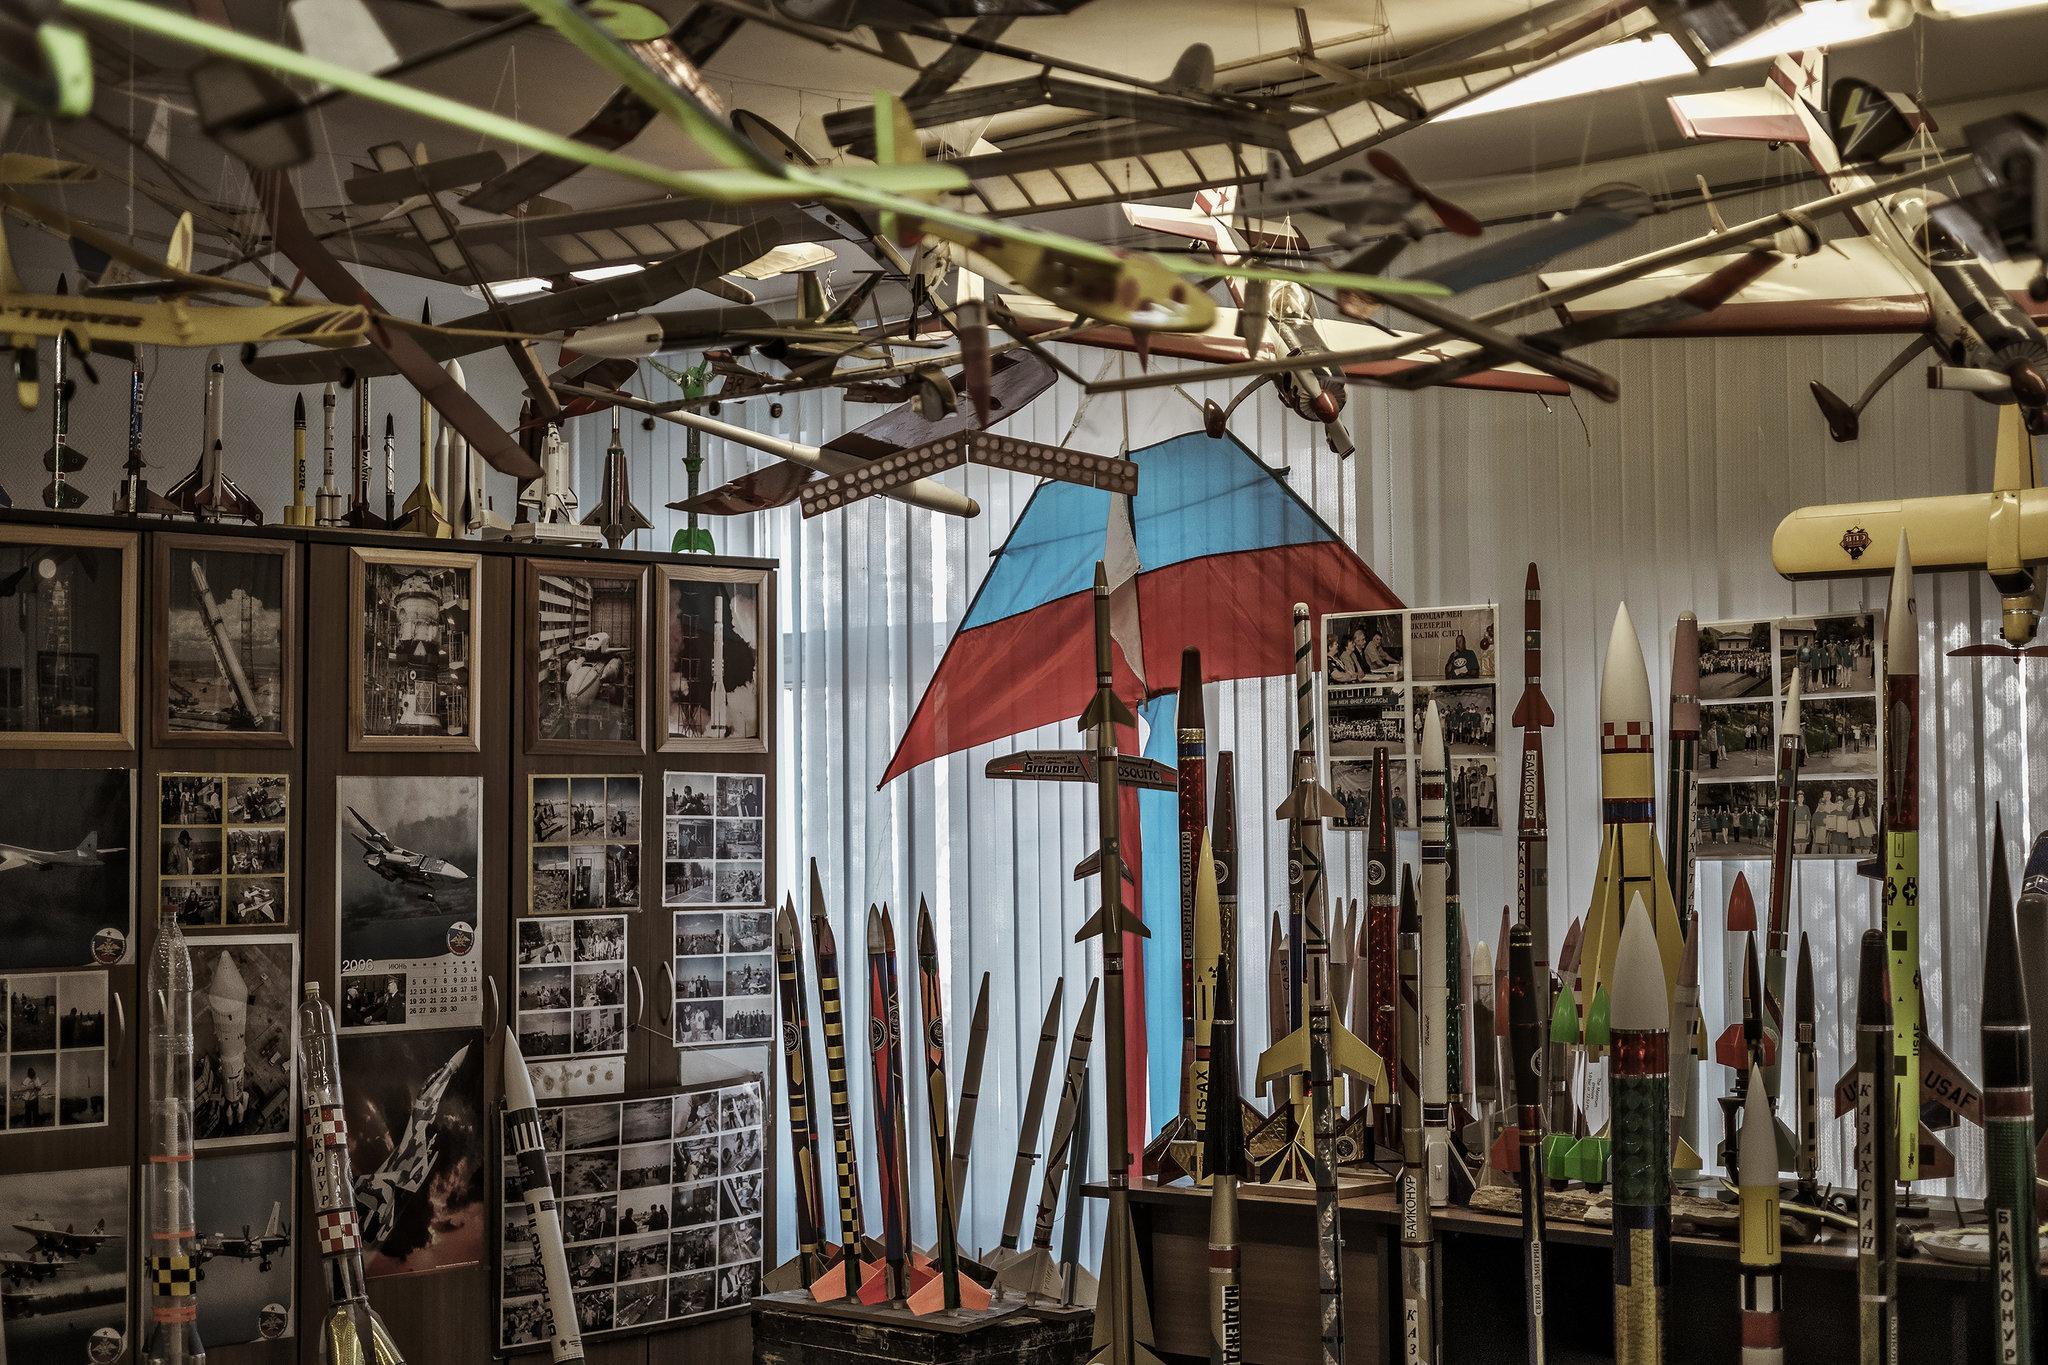 Kosmodrom Uluslararası Uzay Okulu'ndaki model roketler, uçaklar, uçurtmalar ve diğer uçan cisimler. Tablolar, koleksiyonlar.